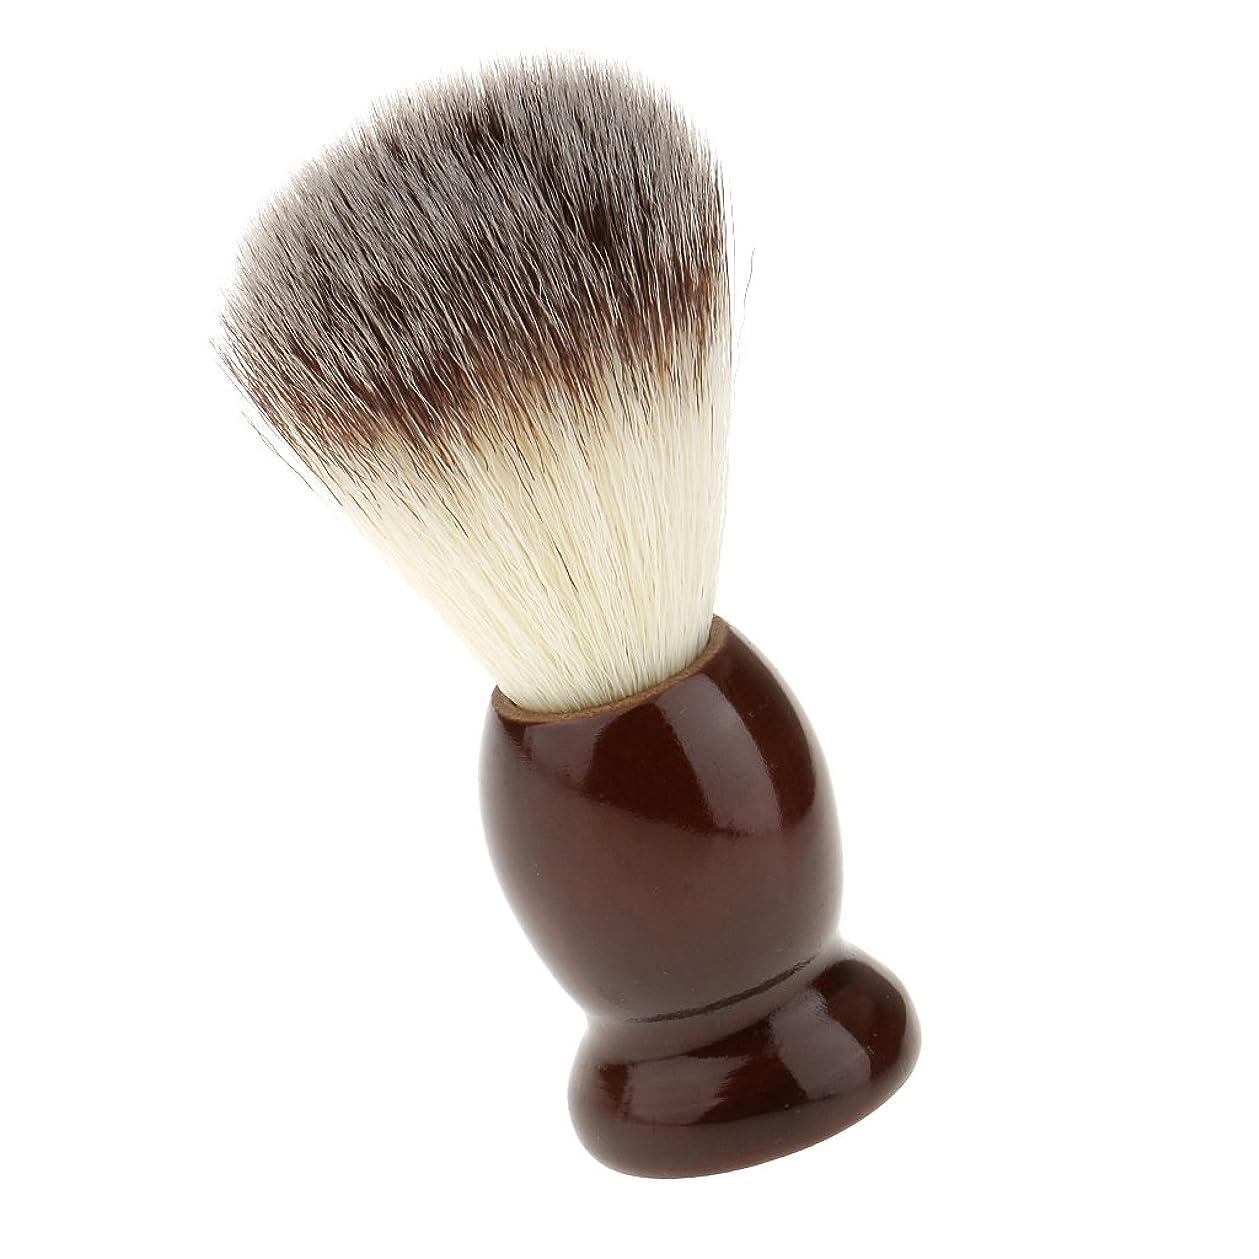 余分な憎しみパラナ川SONONIA ナイロン製 シェービングブラシ サロン 柔らかい 髭剃り 洗顔 理容   便携 10.5cm  ブラウン